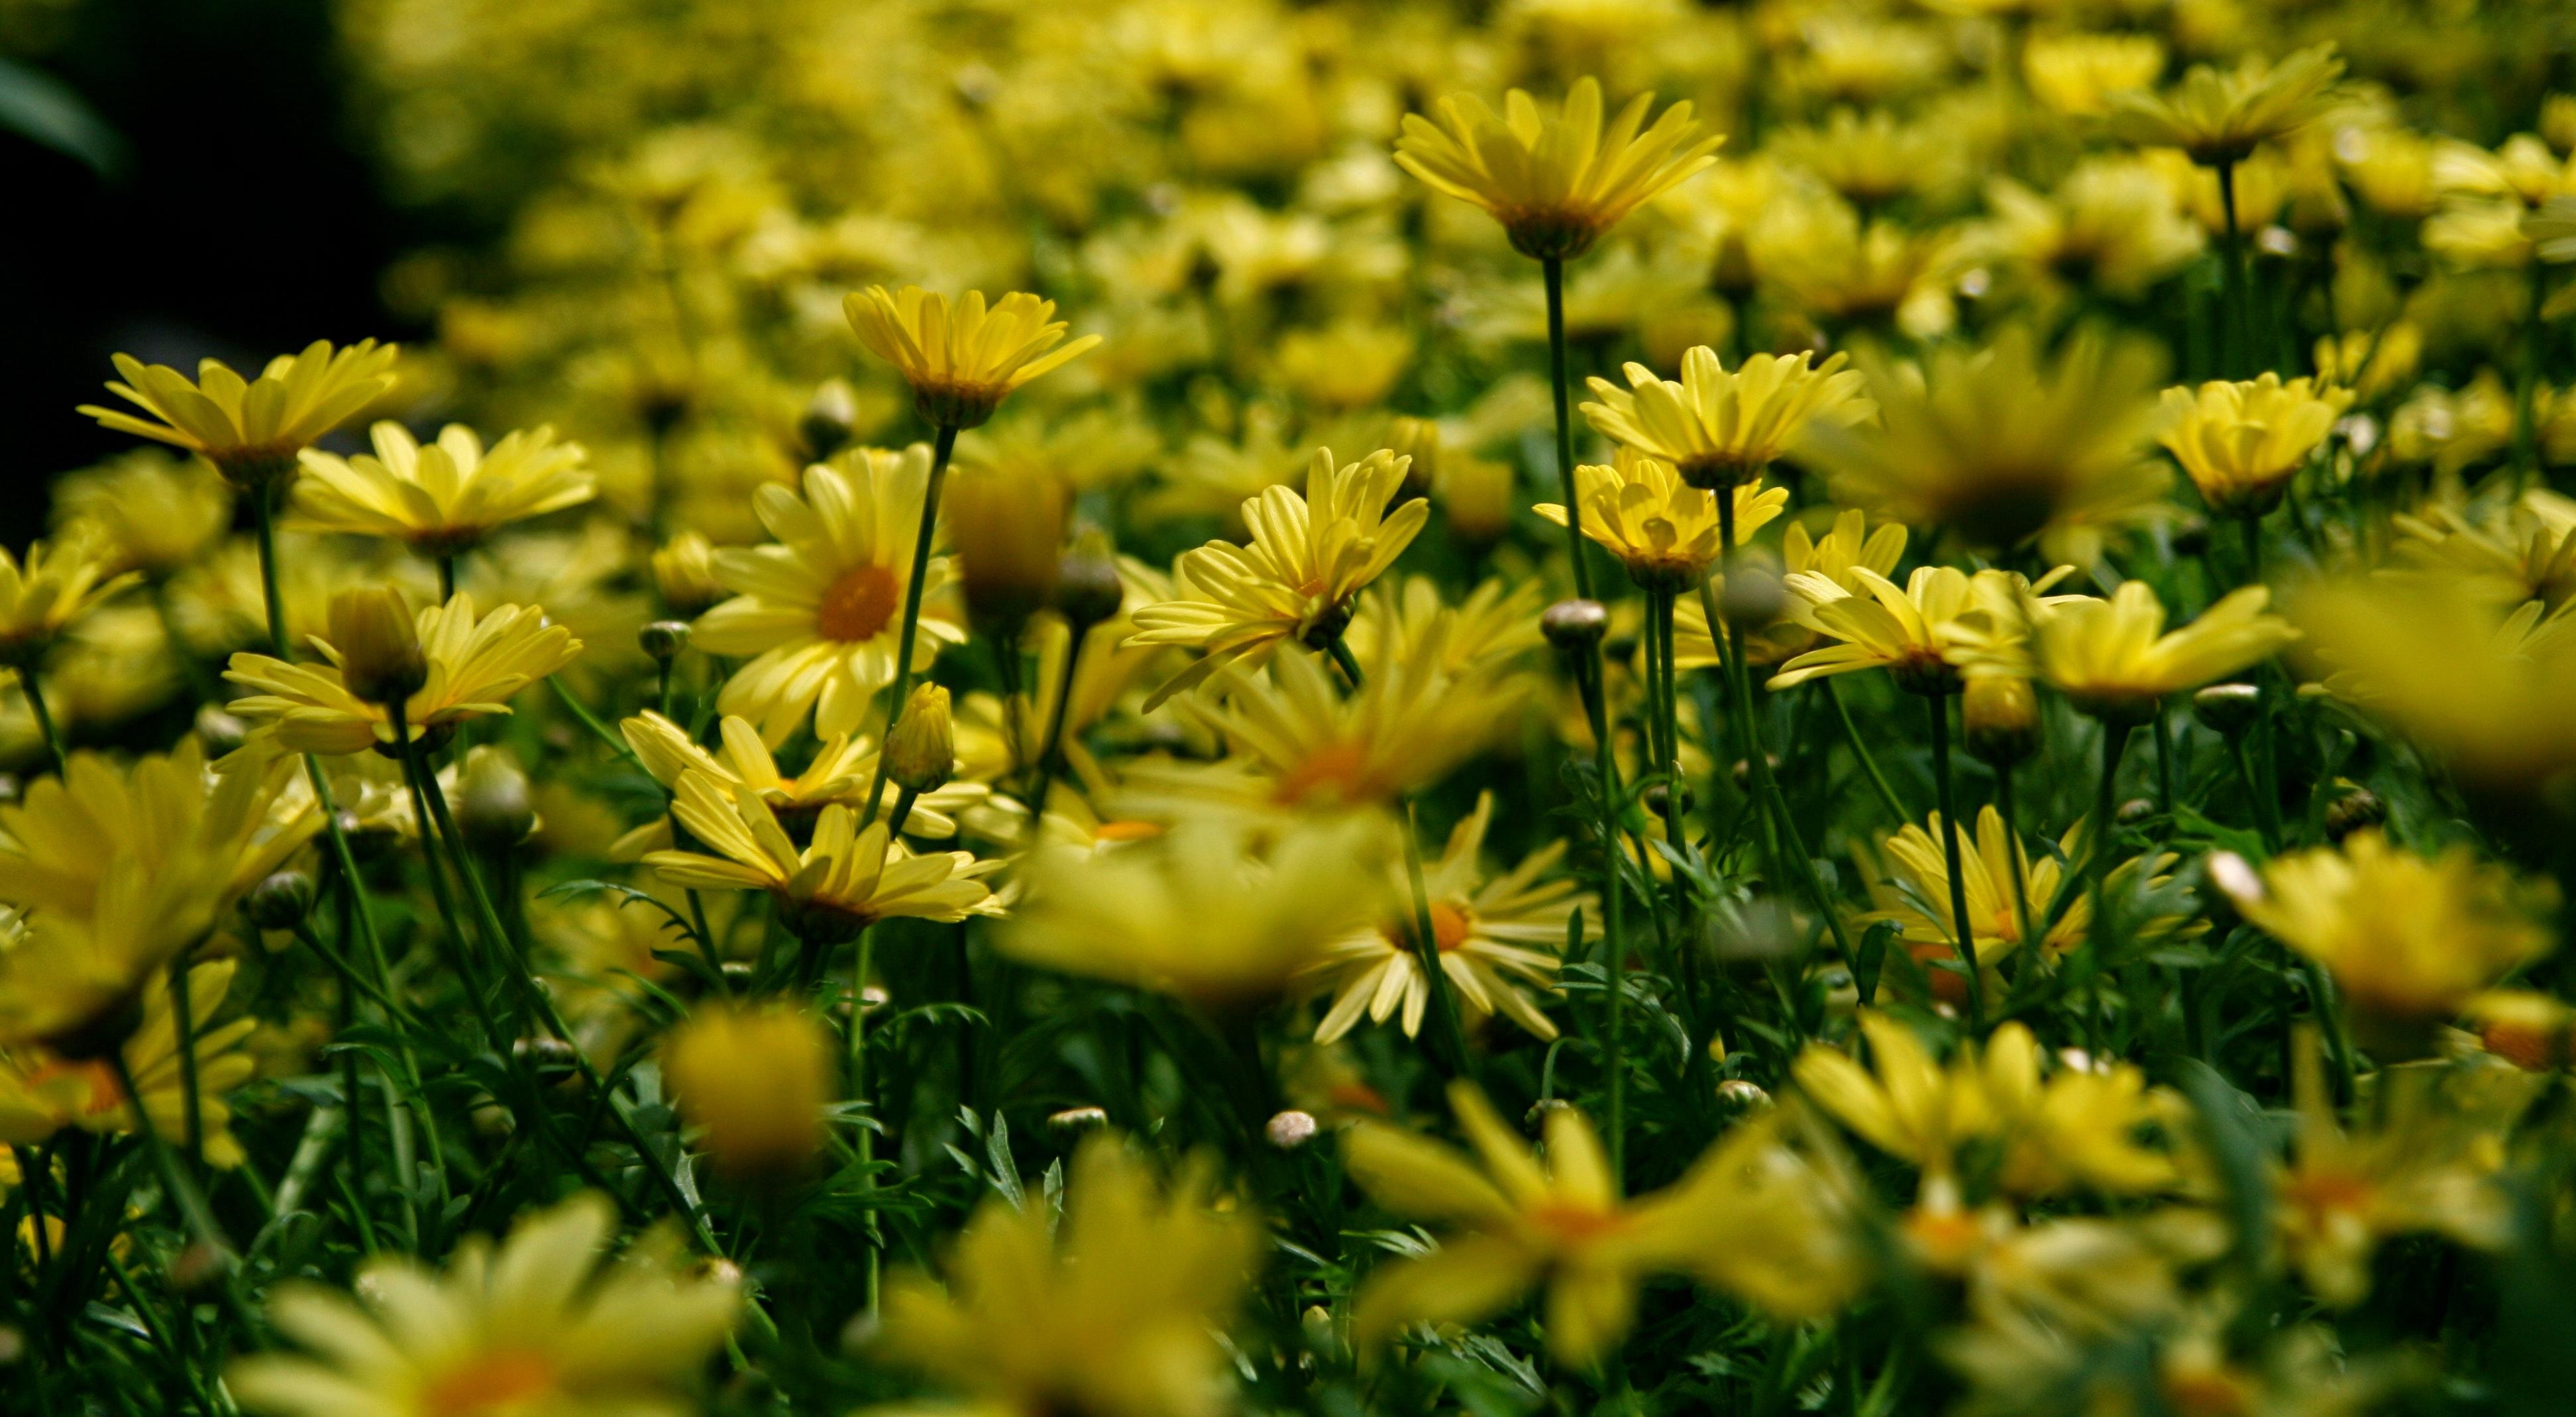 Yellow petal flower field photo